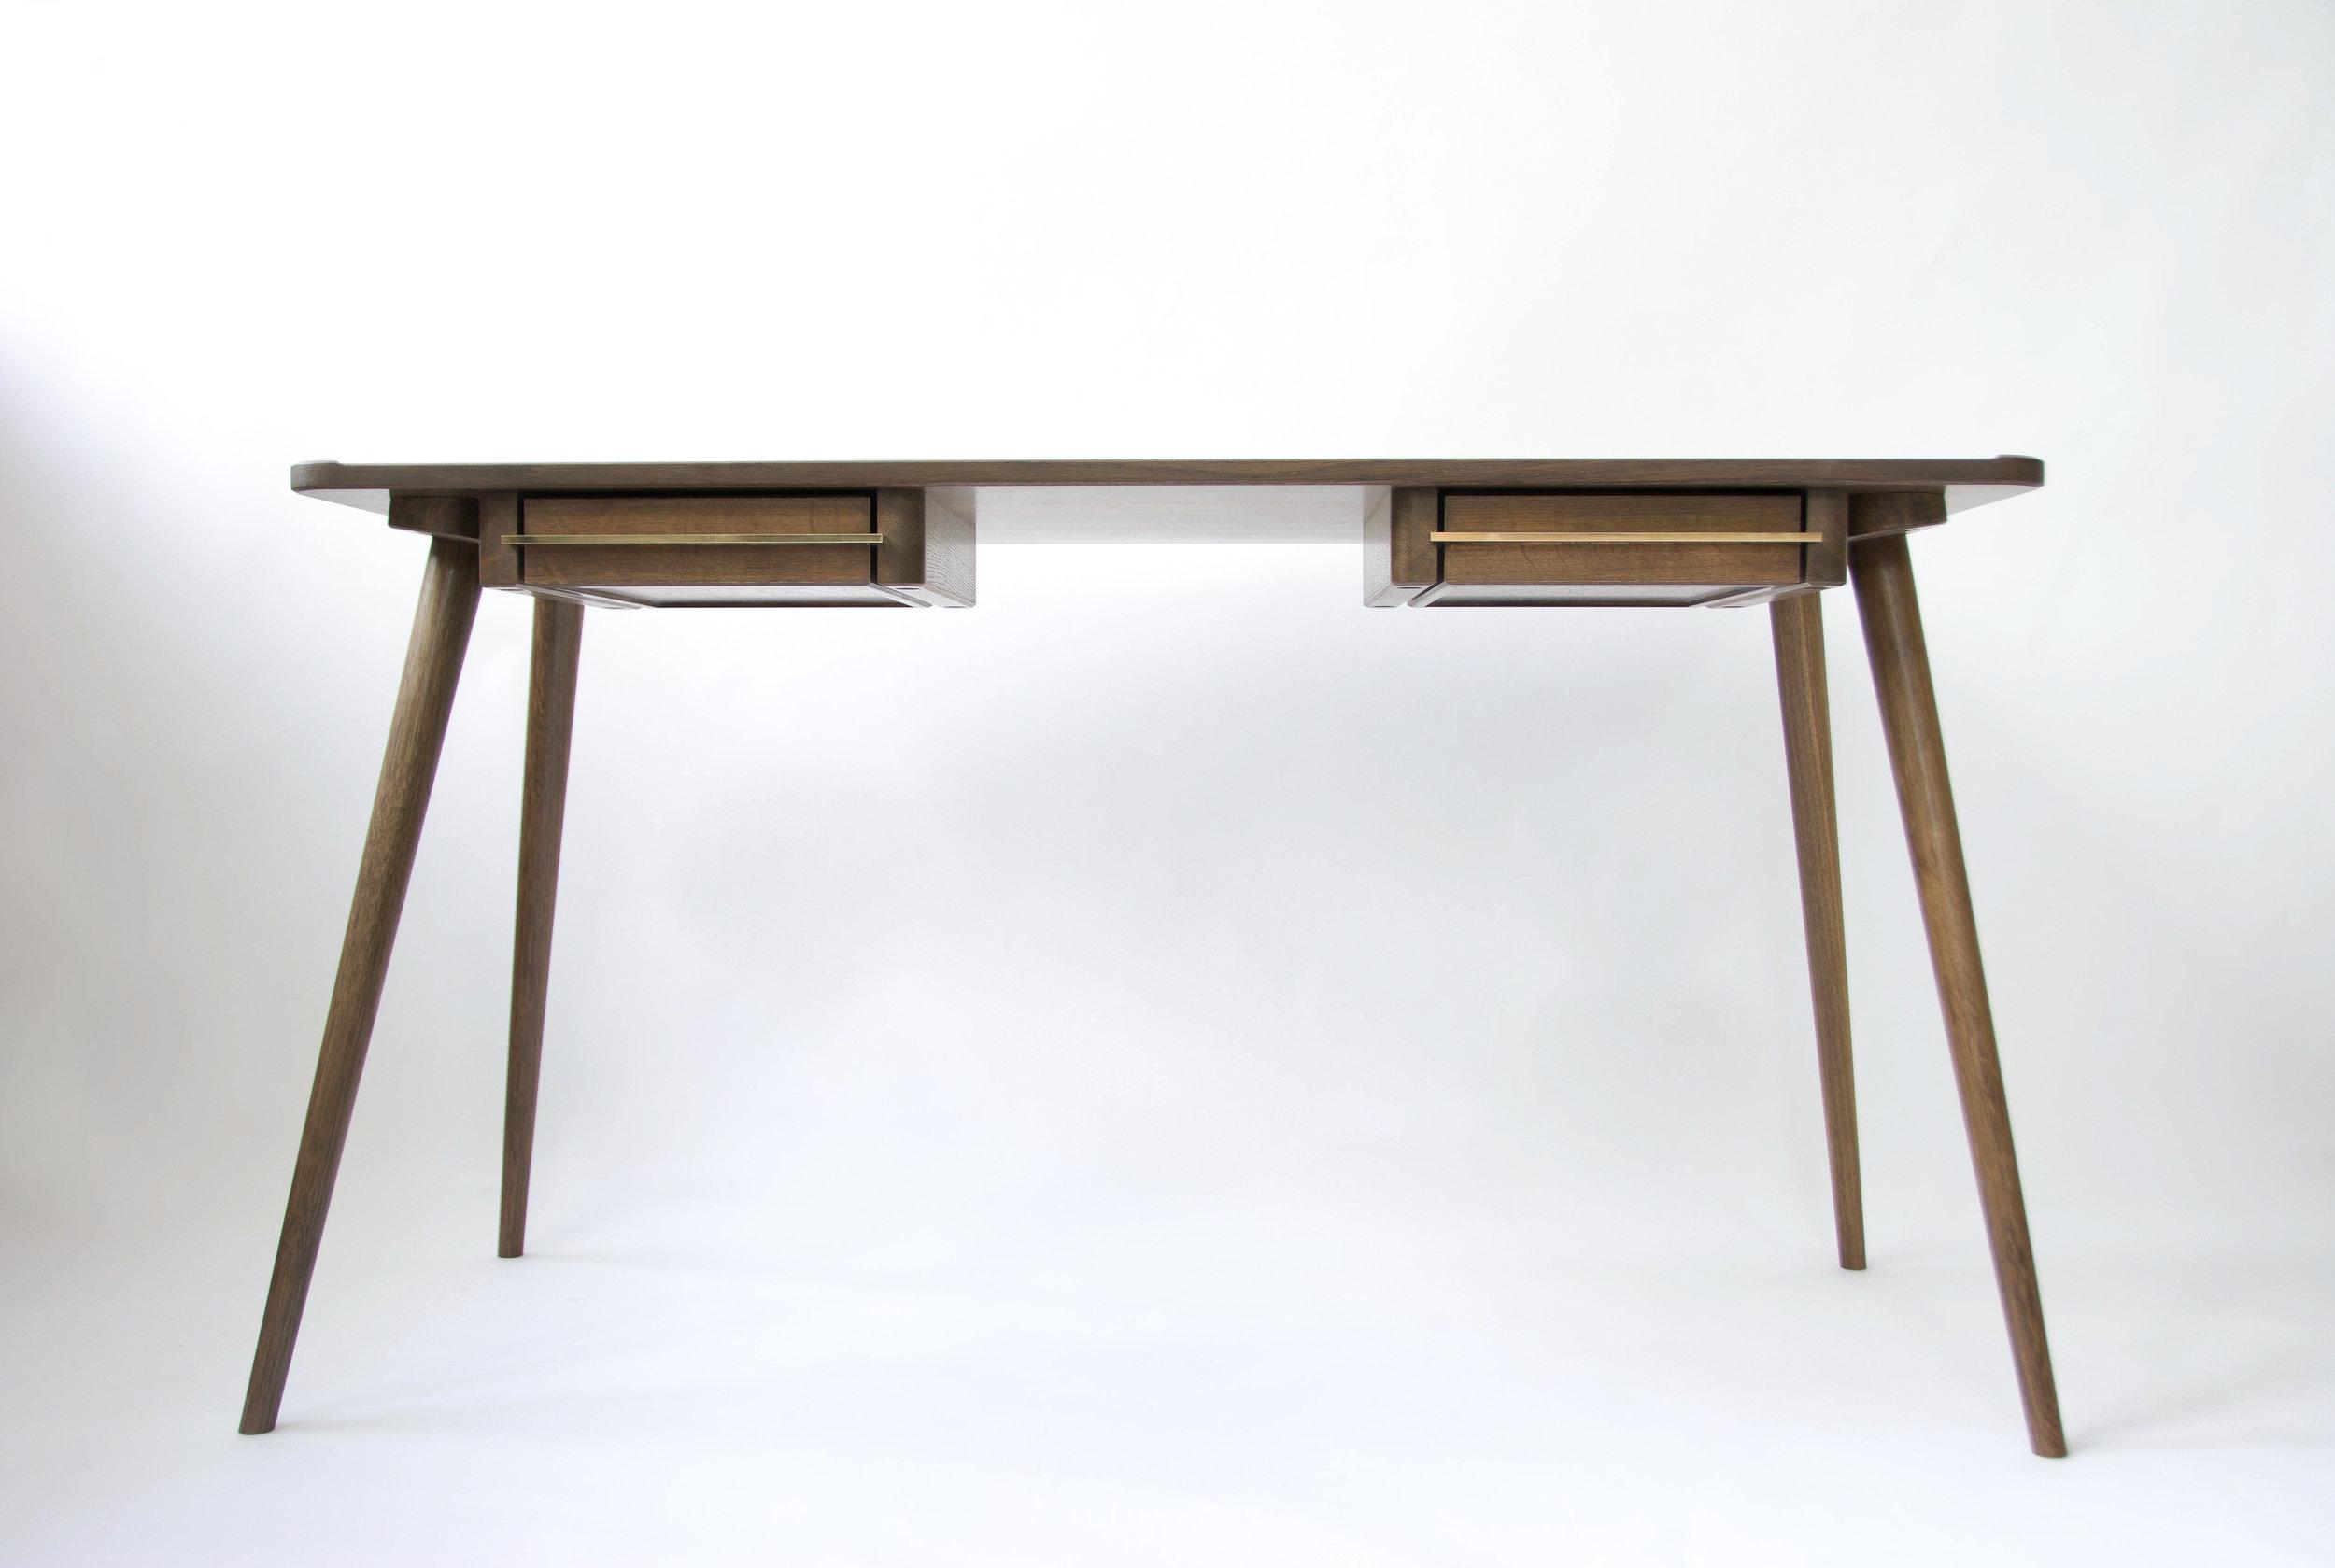 Lightroom Fumed Desk Finished-15.jpg